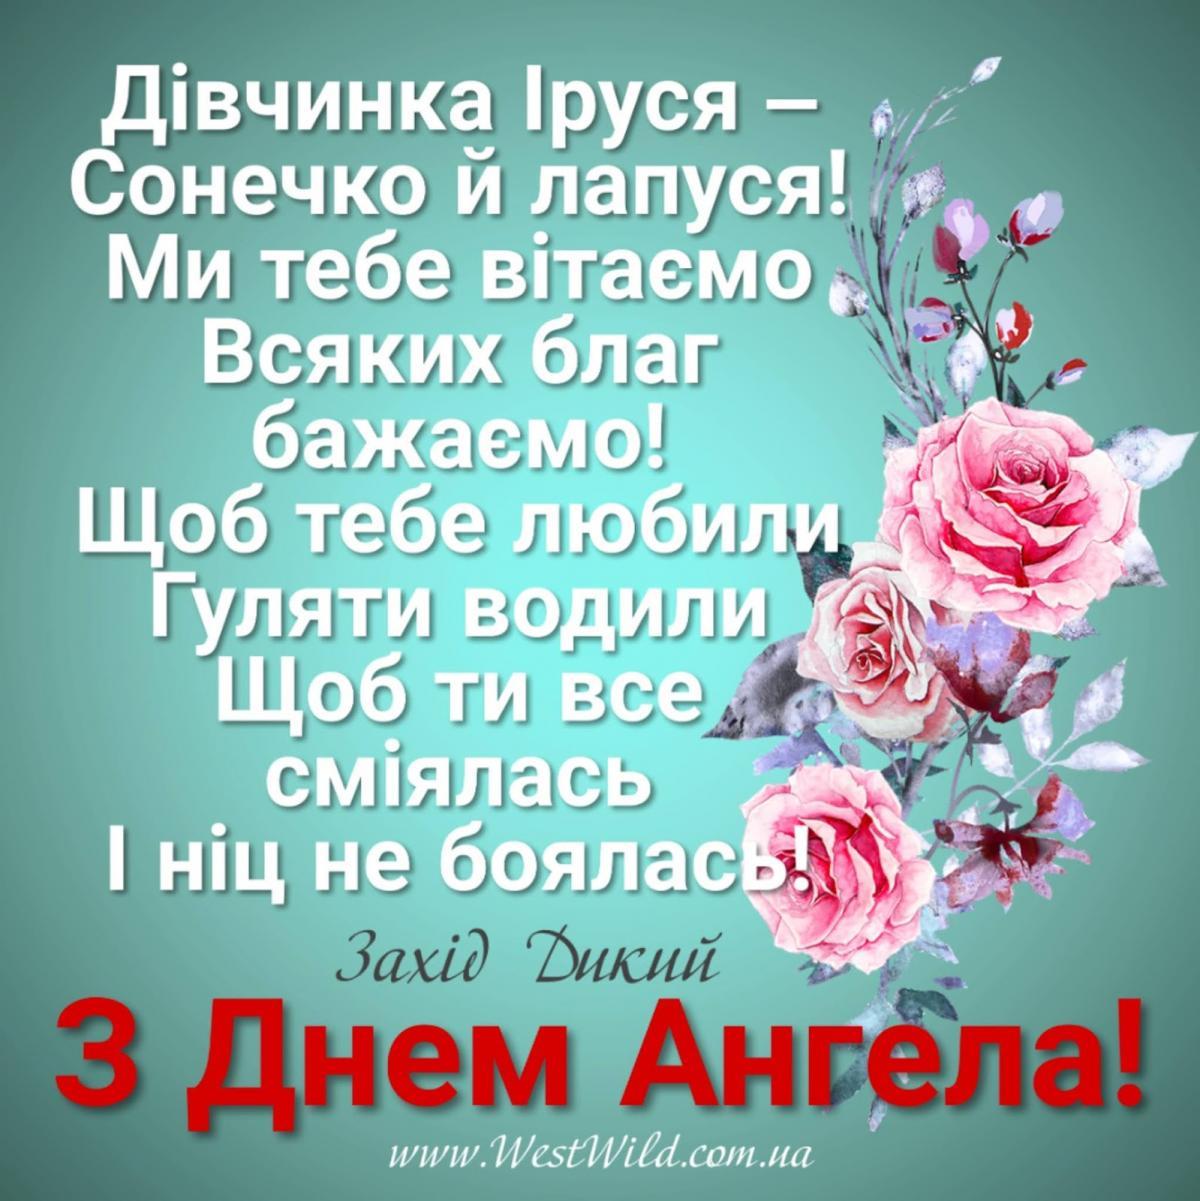 Поздравления с Днем ангела Ирины / westwild.com.ua